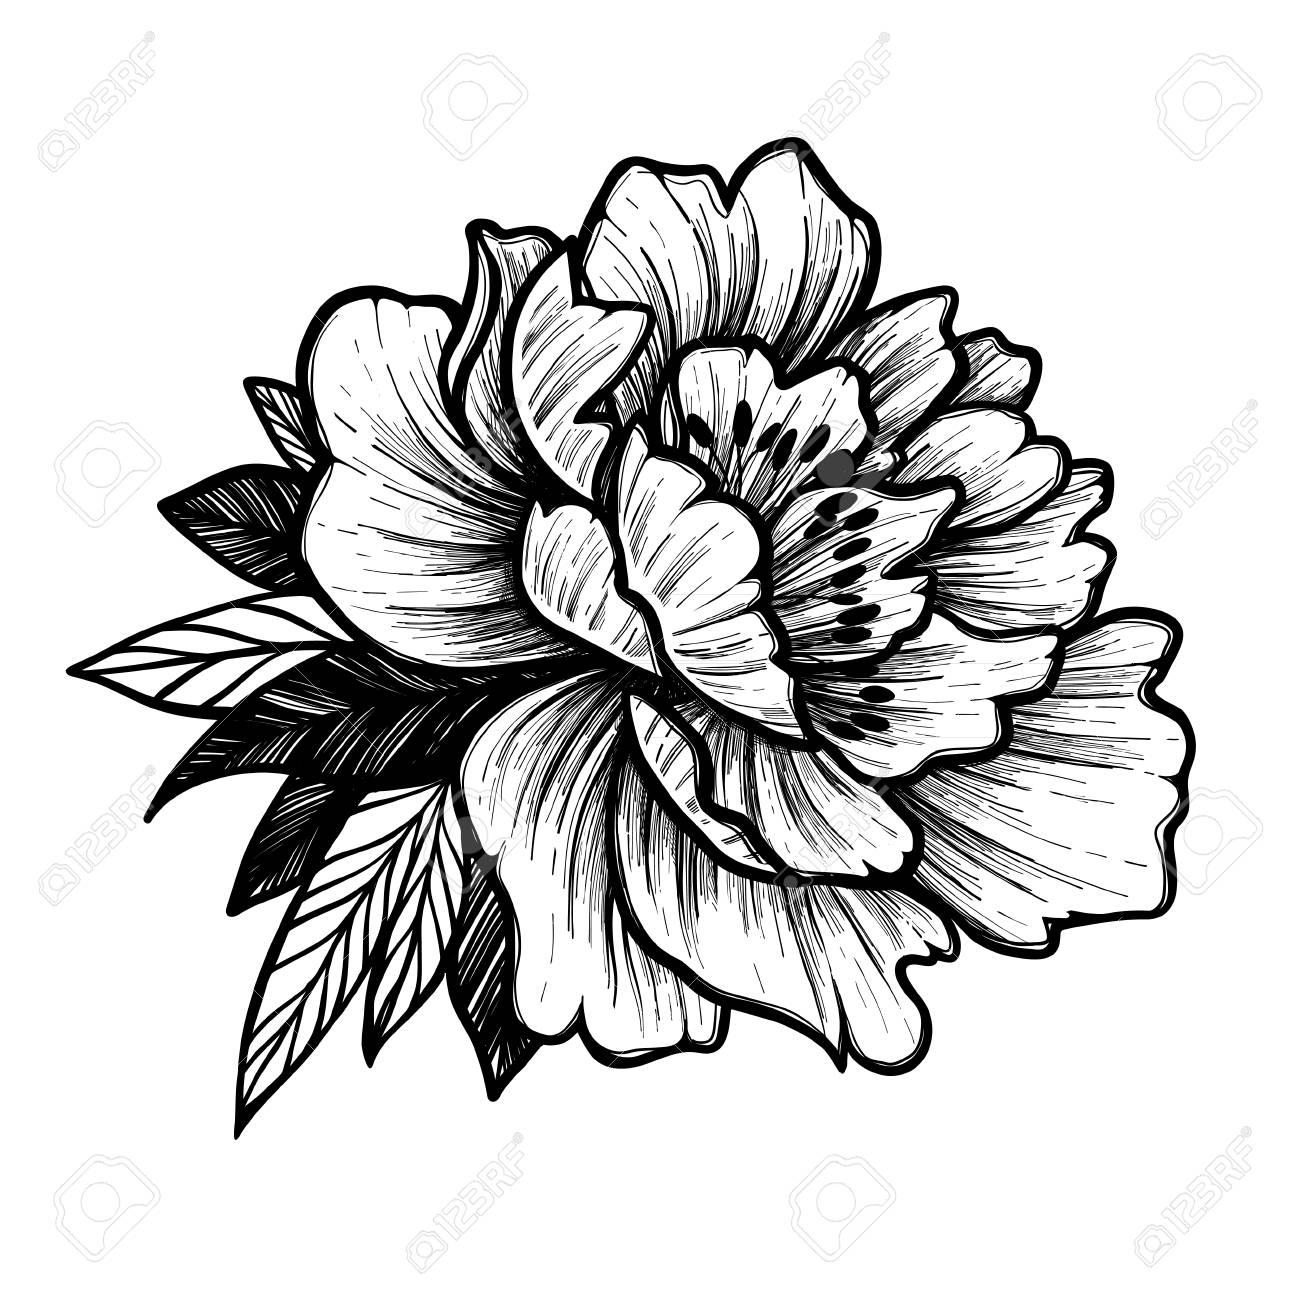 Ilustracion De Vector Dibujado A Mano Flor De Peonia Boceto De Tatuaje Floral Perfecto Para Tatuajes Invitaciones Tarjetas De Felicitacion Citas Blogs Carteles Etc Ilustraciones Vectoriales Clip Art Vectorizado Libre De